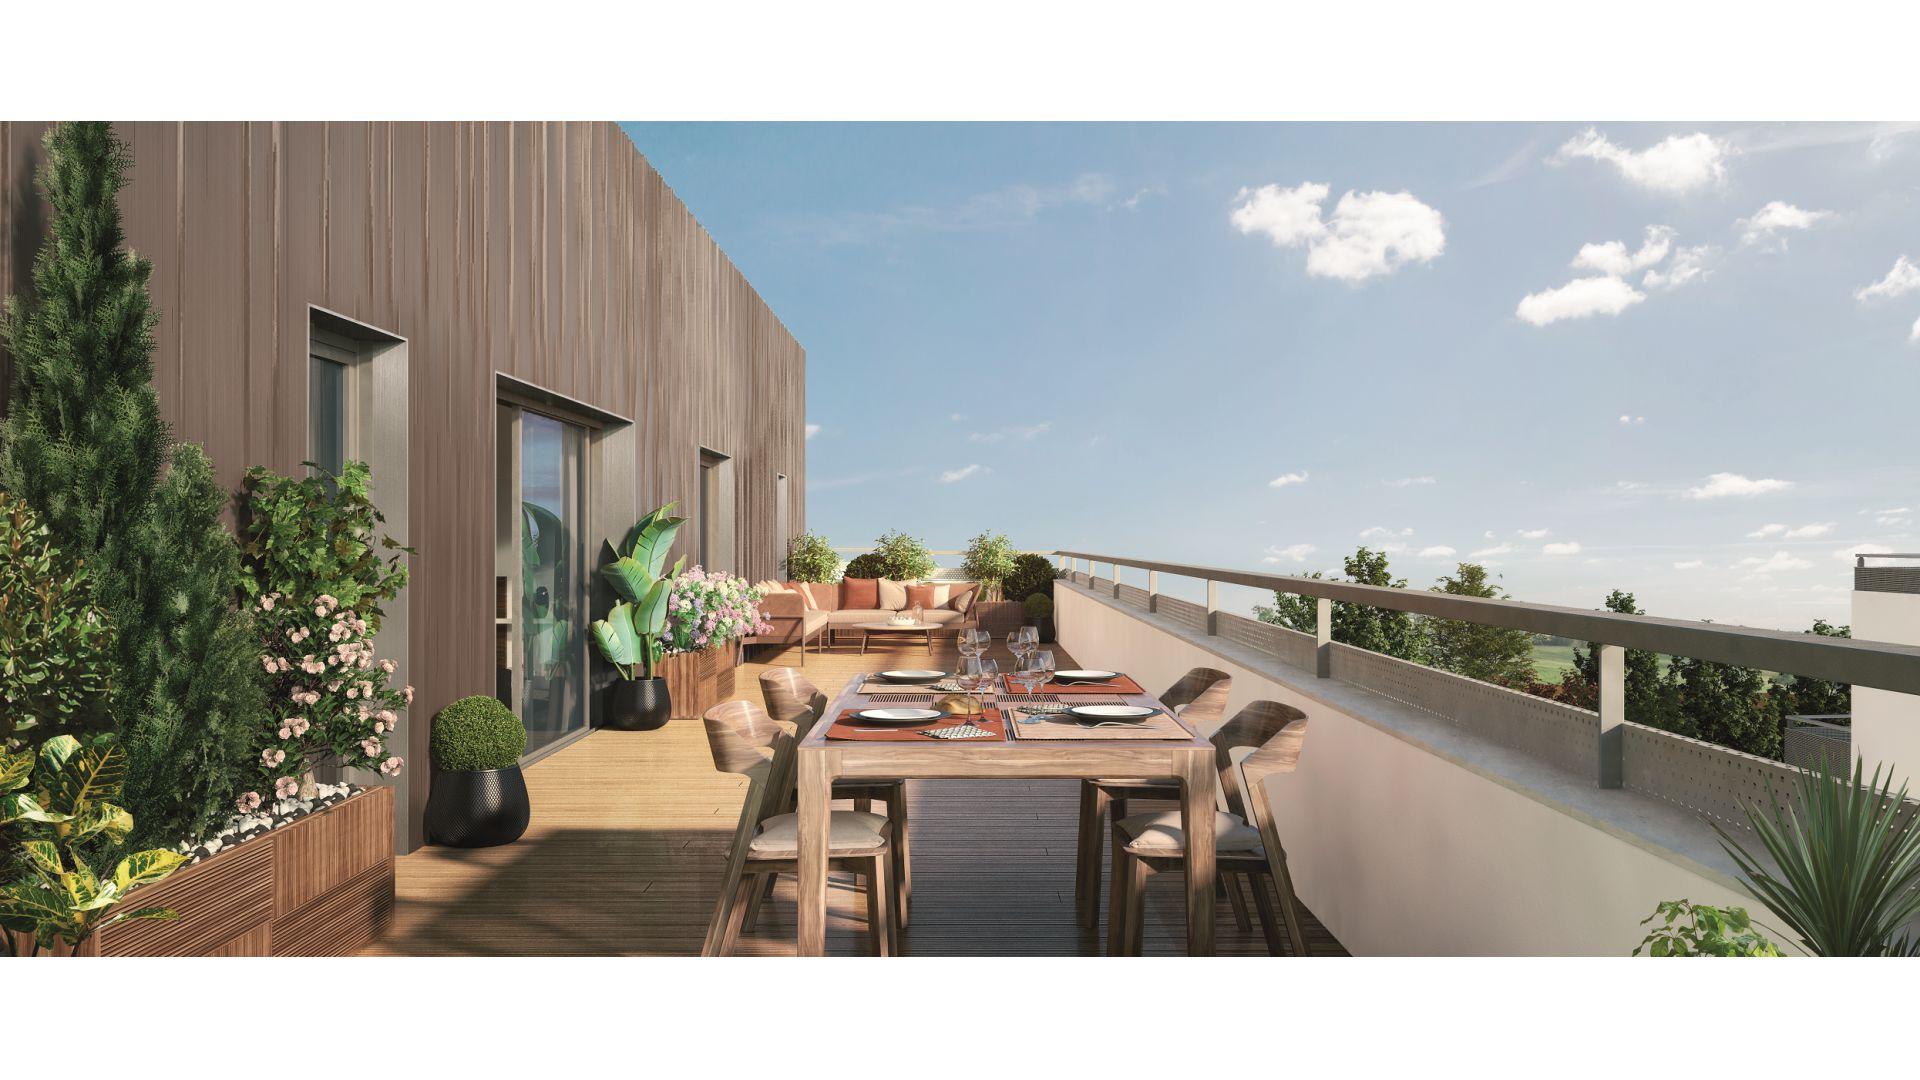 GreenCity immobilier - Toulouse Montaudran - rue rodier - GreenGarden 2 - appartement du T1 au T4 - accession prix maitrisés - vue terrasse